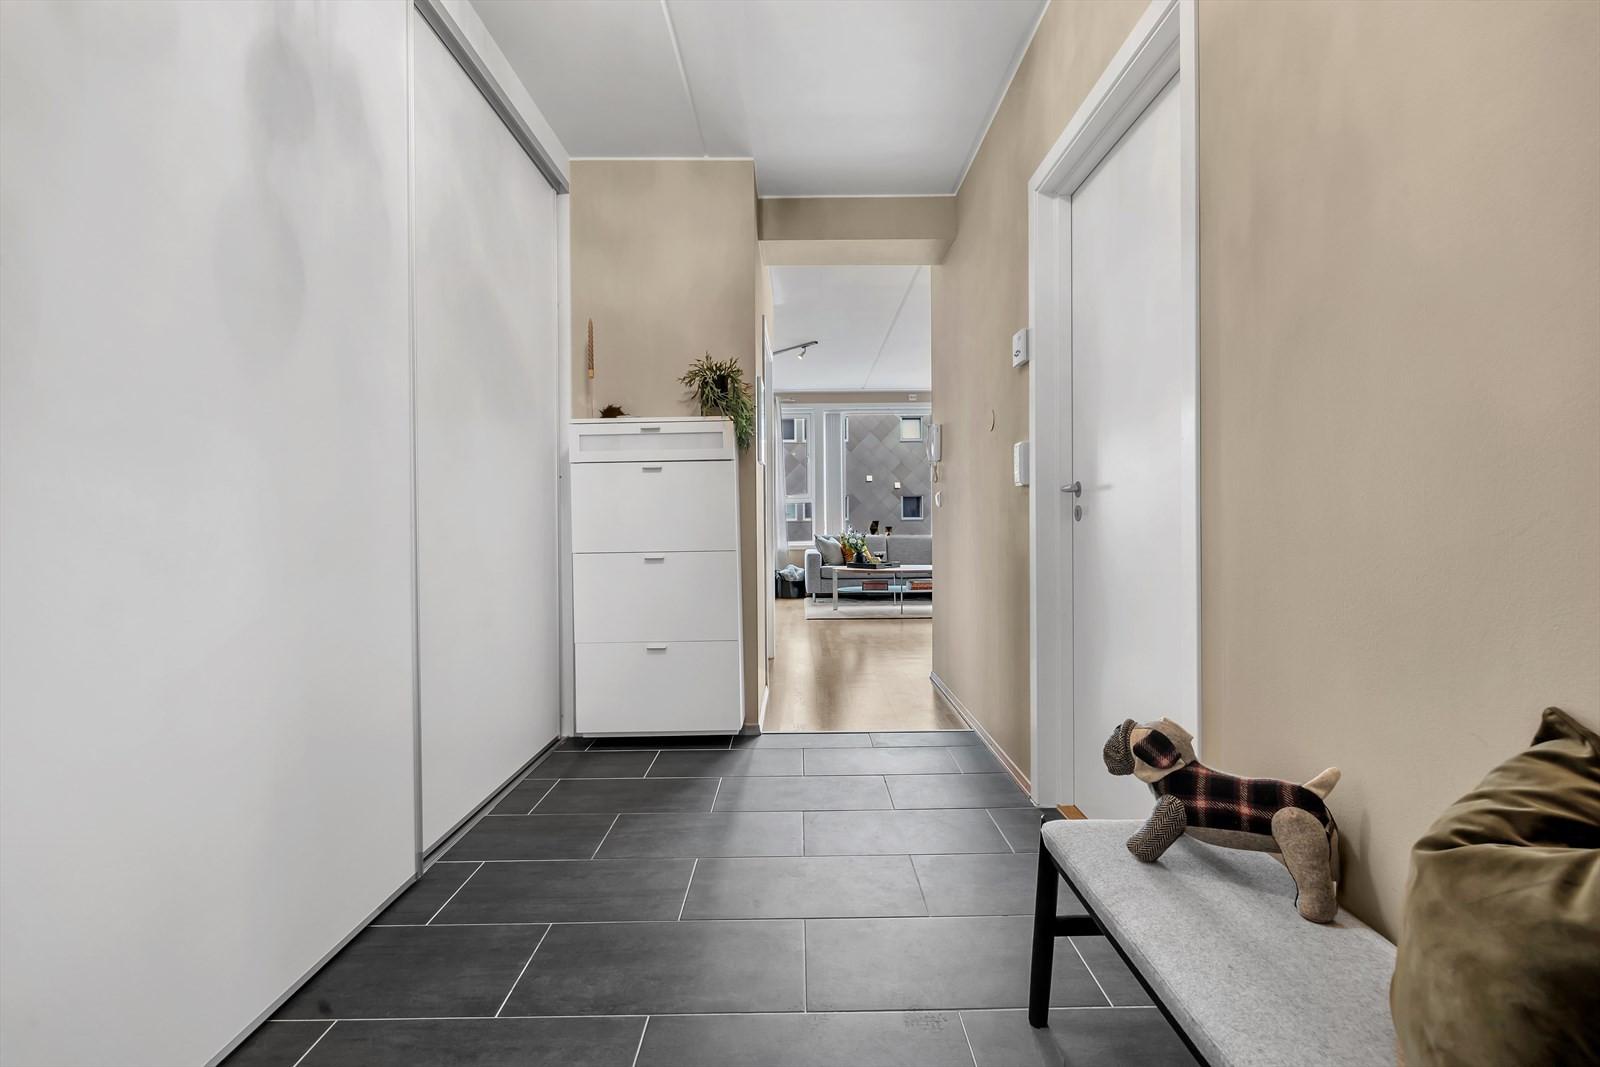 Gangen er romslig og har stor garderobe som fungerer utmerket som innvendig bod